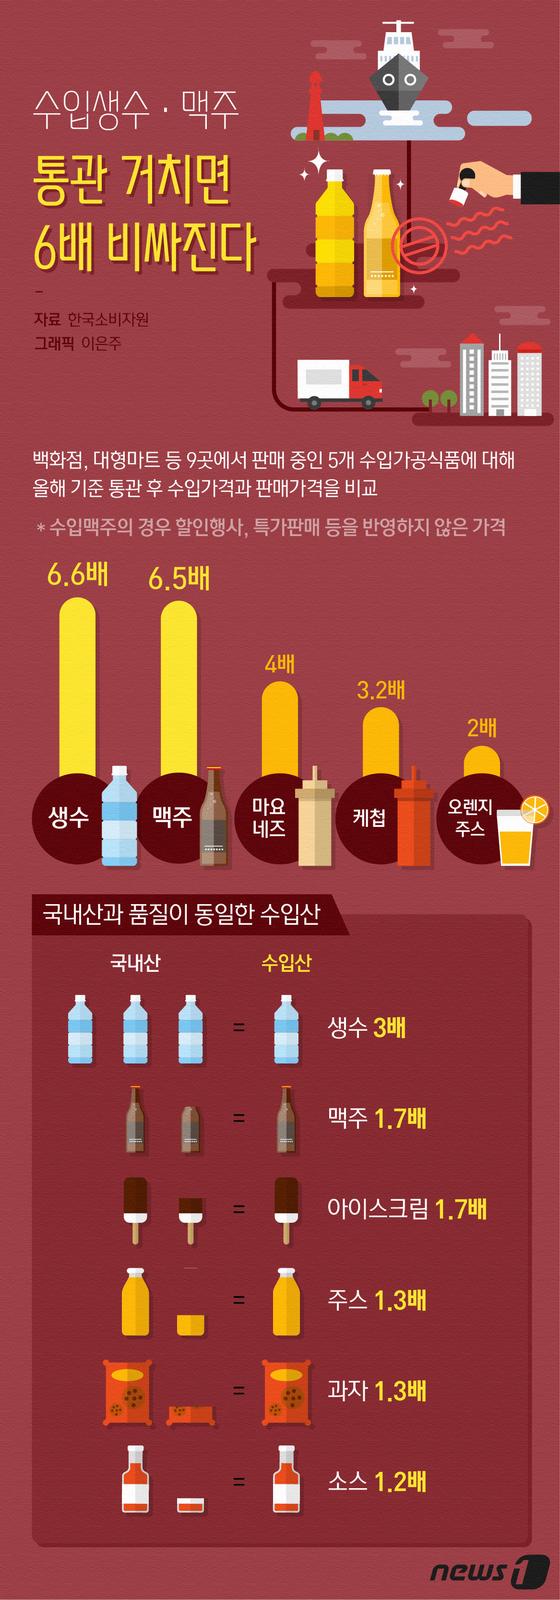 [그래픽뉴스] 수입생수·맥주 통관 거치면 6배 비싸진다